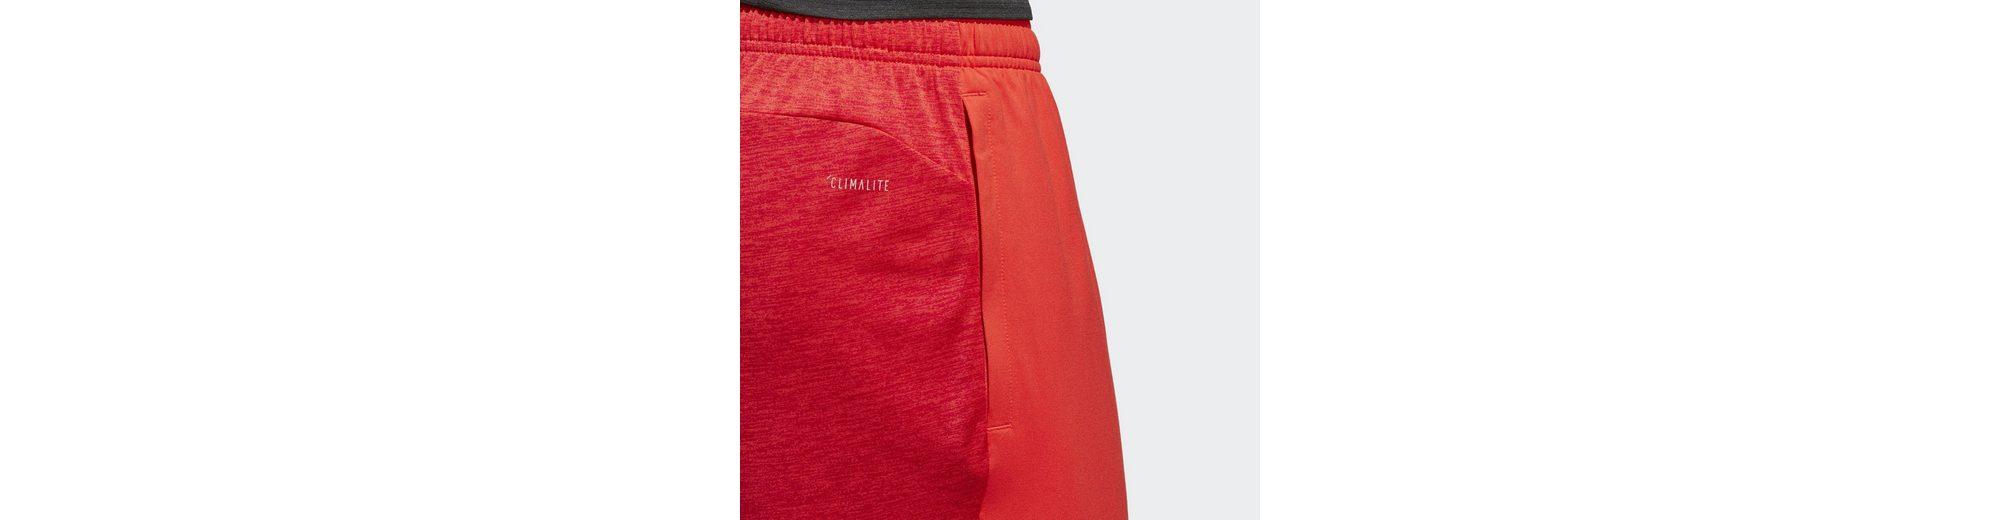 Billiges Outlet-Store adidas Performance Shorts 4KRFT Gradient Auslass Offiziellen Spielraum Browse Spielraum Niedrigsten Preis Steckdose Neuesten 92xxEIJtof